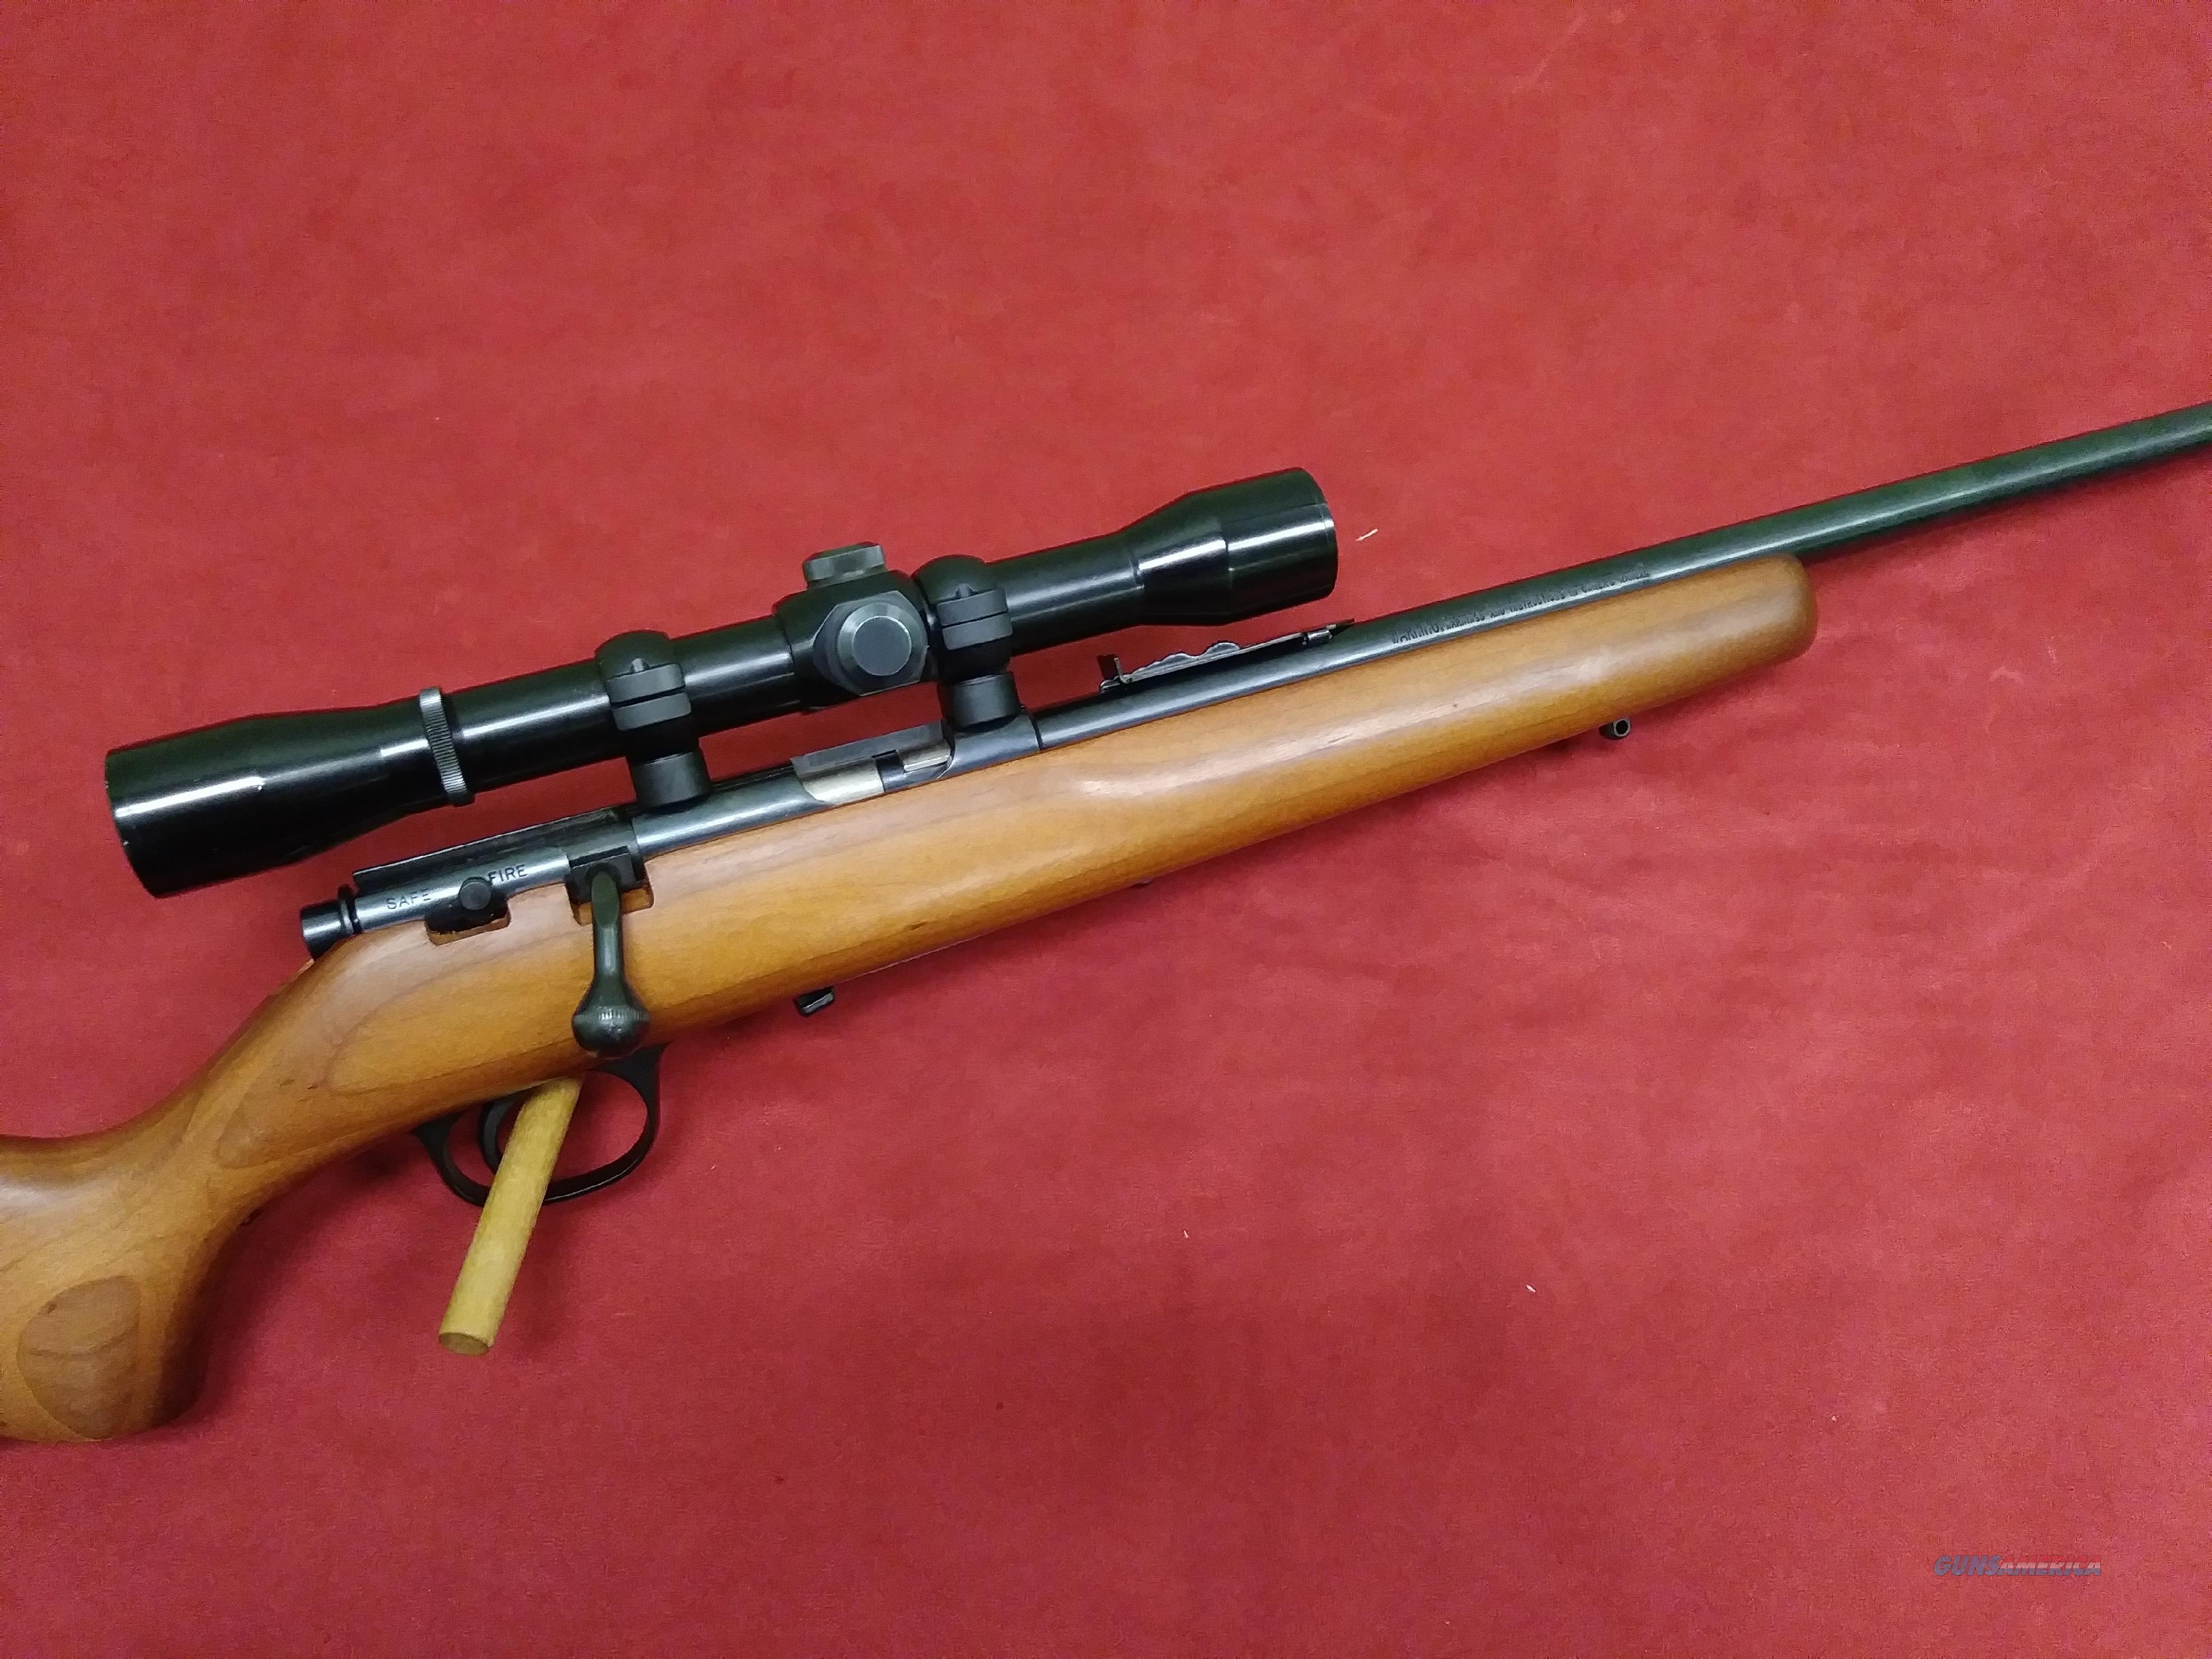 Marlin Model 925m, .22WMR, Scoped  Guns > Rifles > Marlin Rifles > Modern > Bolt/Pump